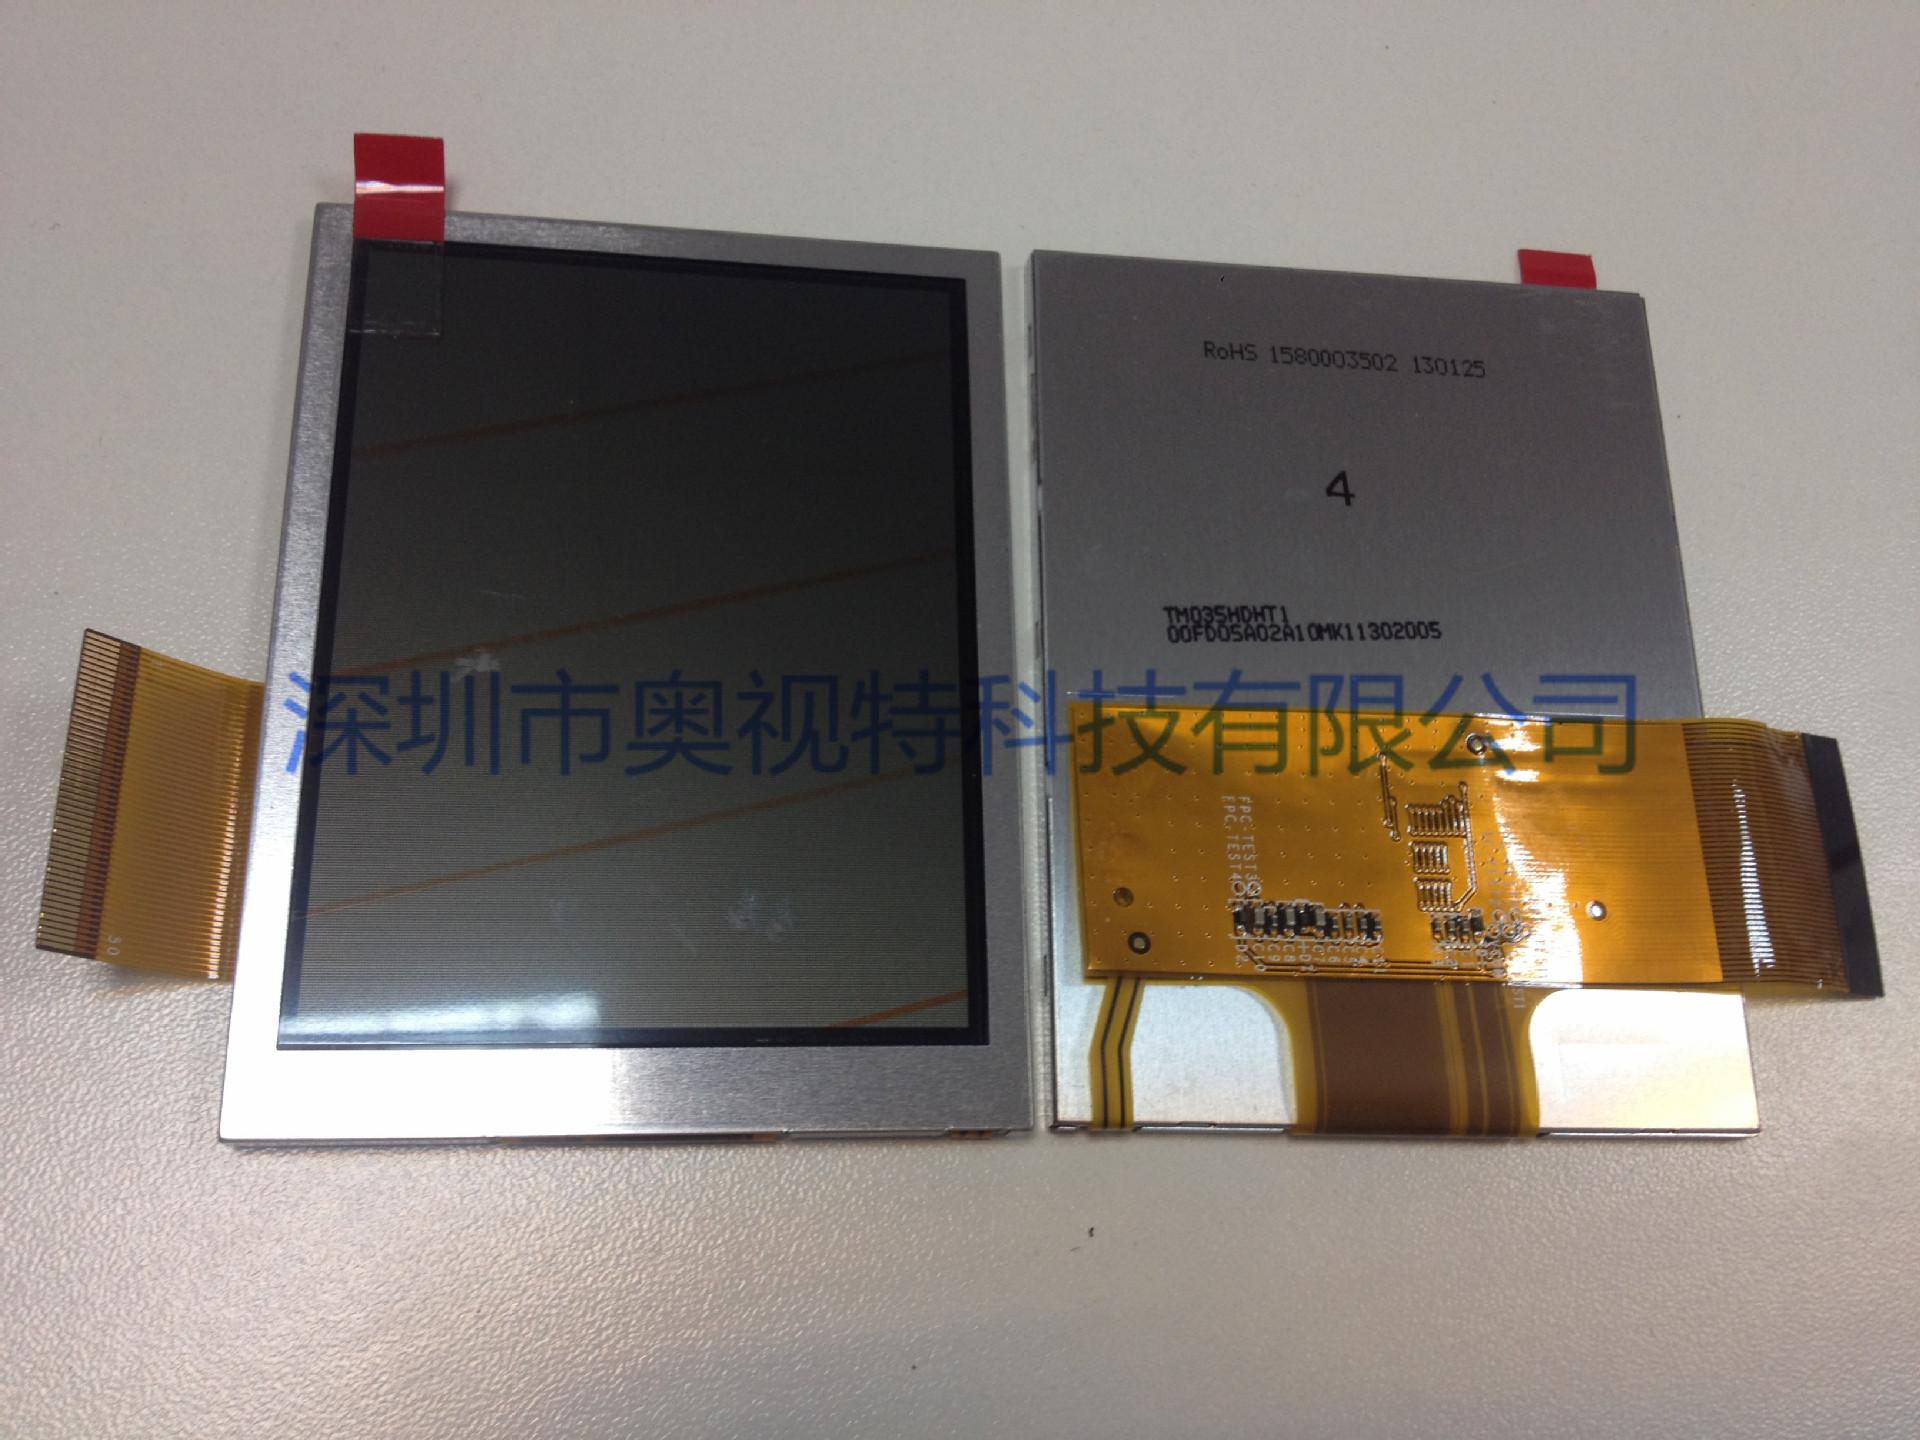 天马3.5寸TM035HDHT1半透240*320工业手持机终端电子产品液晶屏